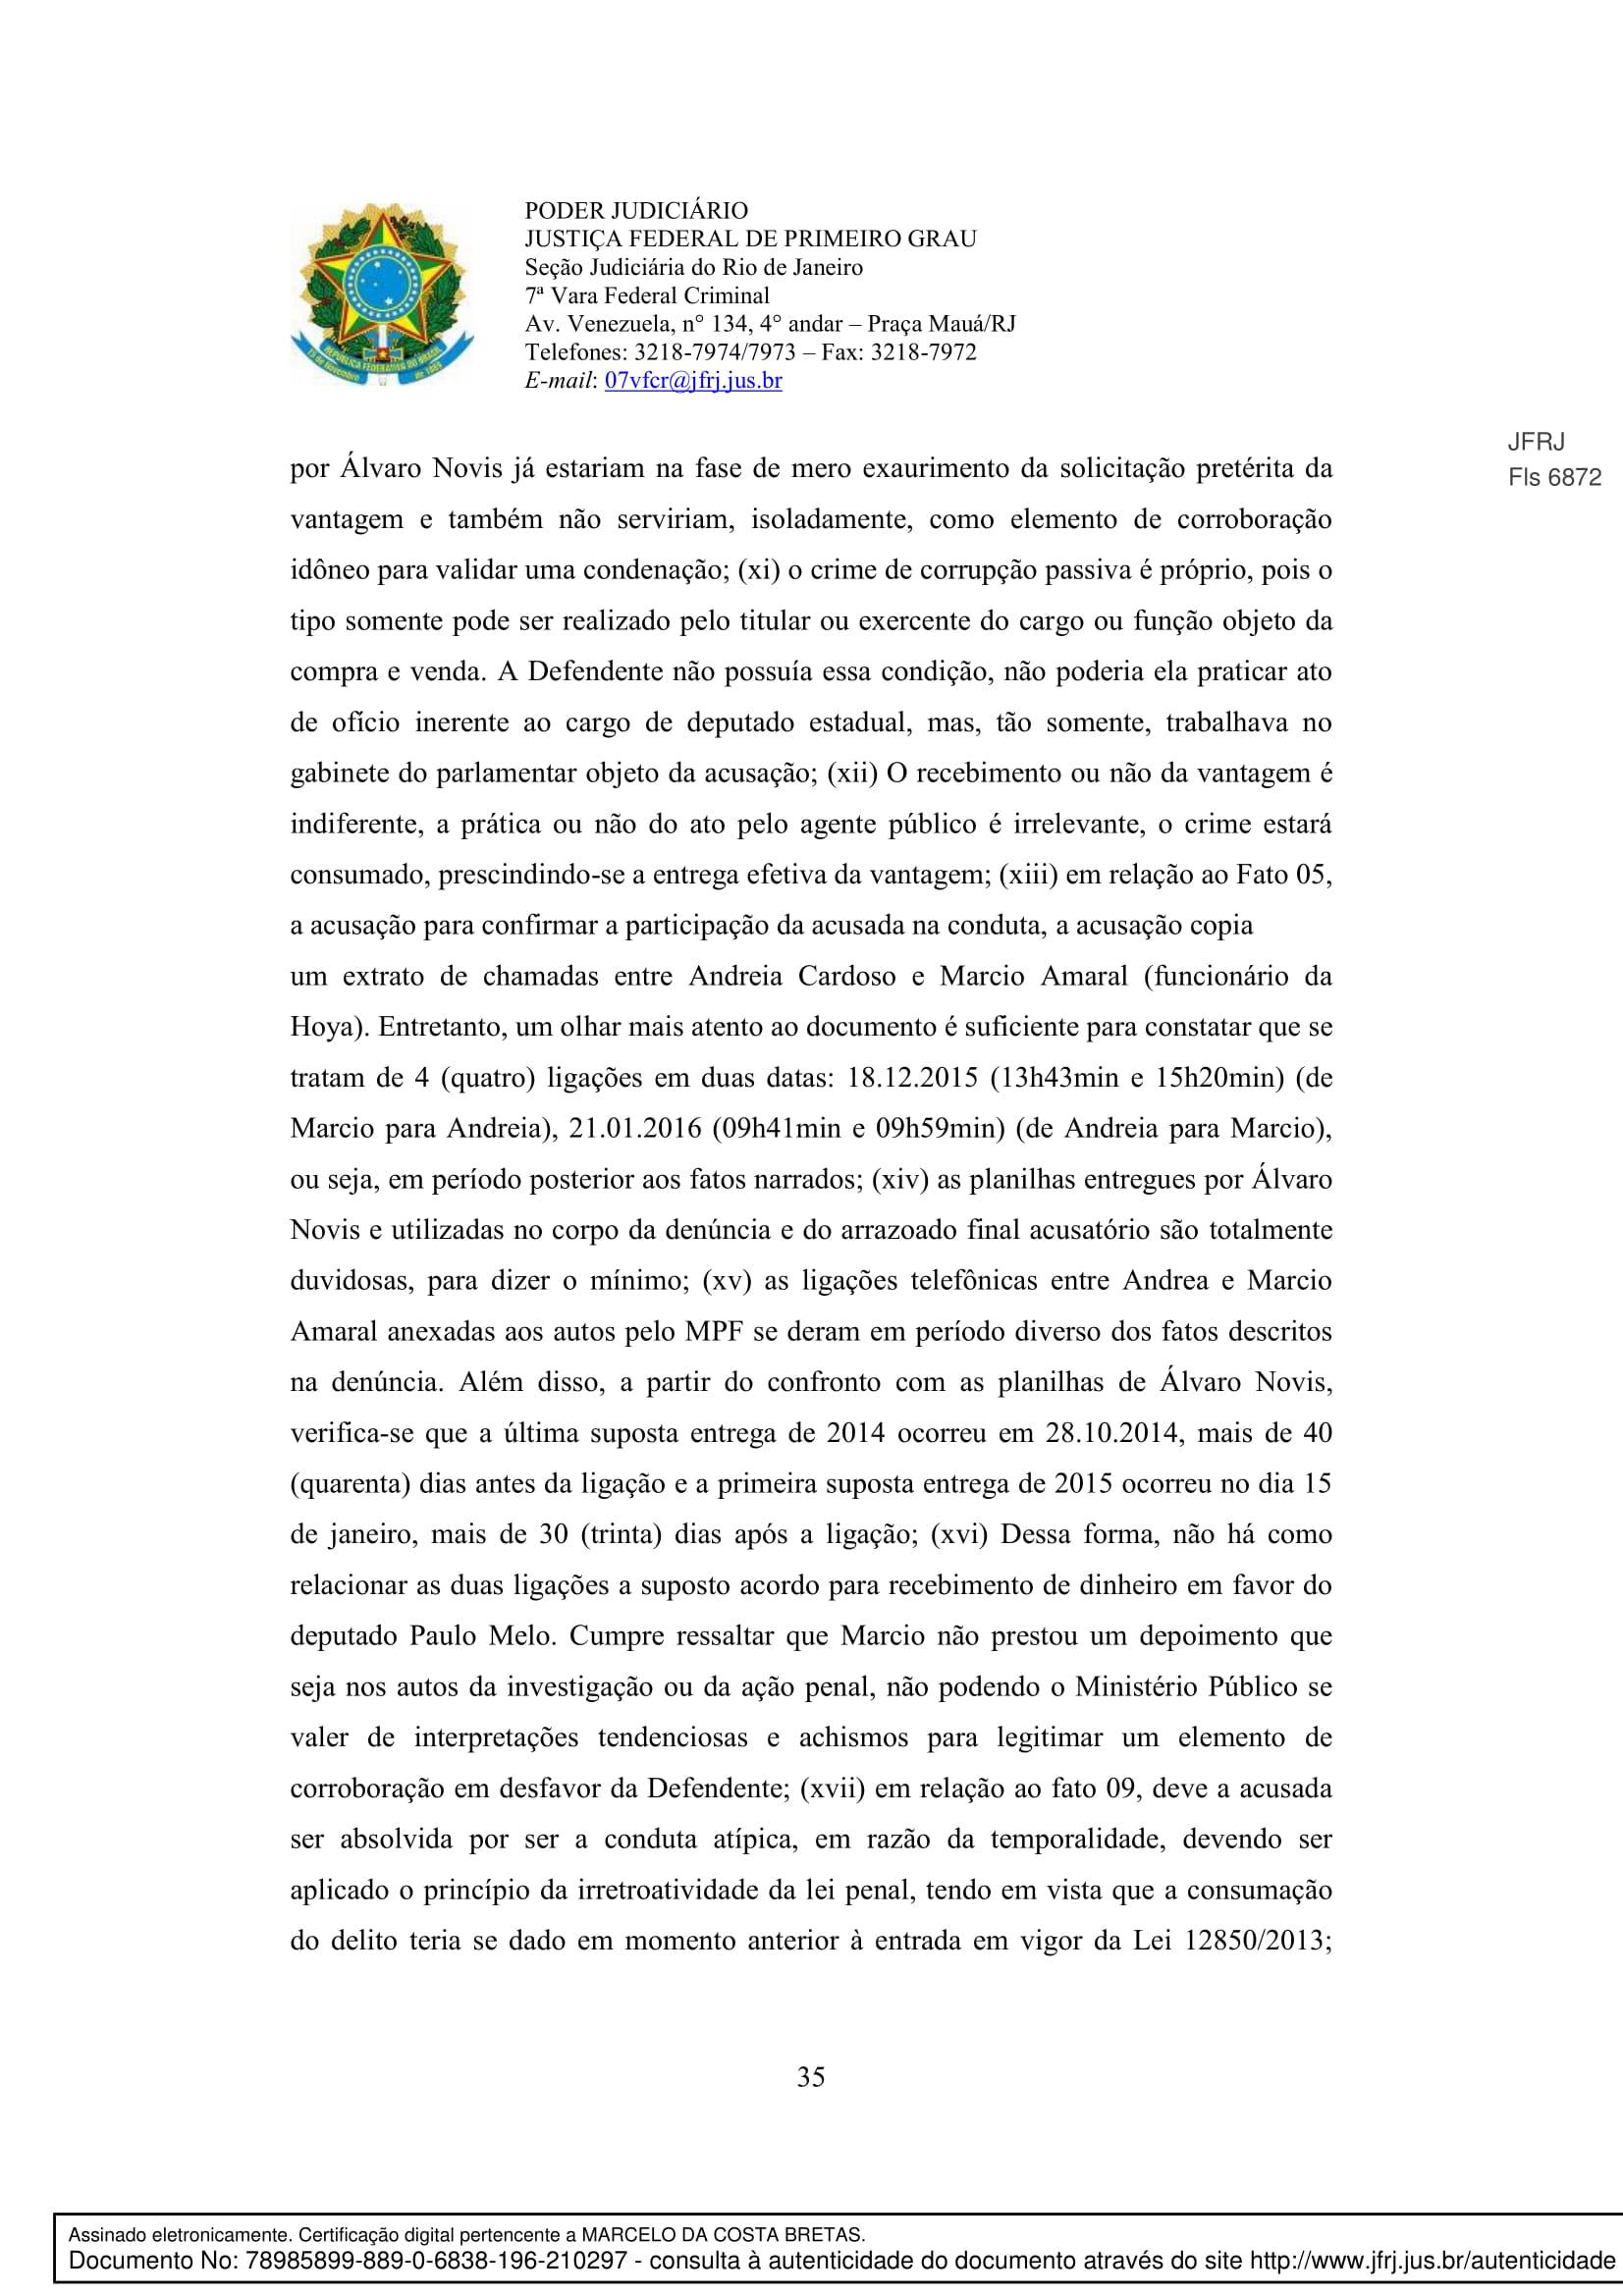 Sentenca-Cadeia-Velha-7VFC-035